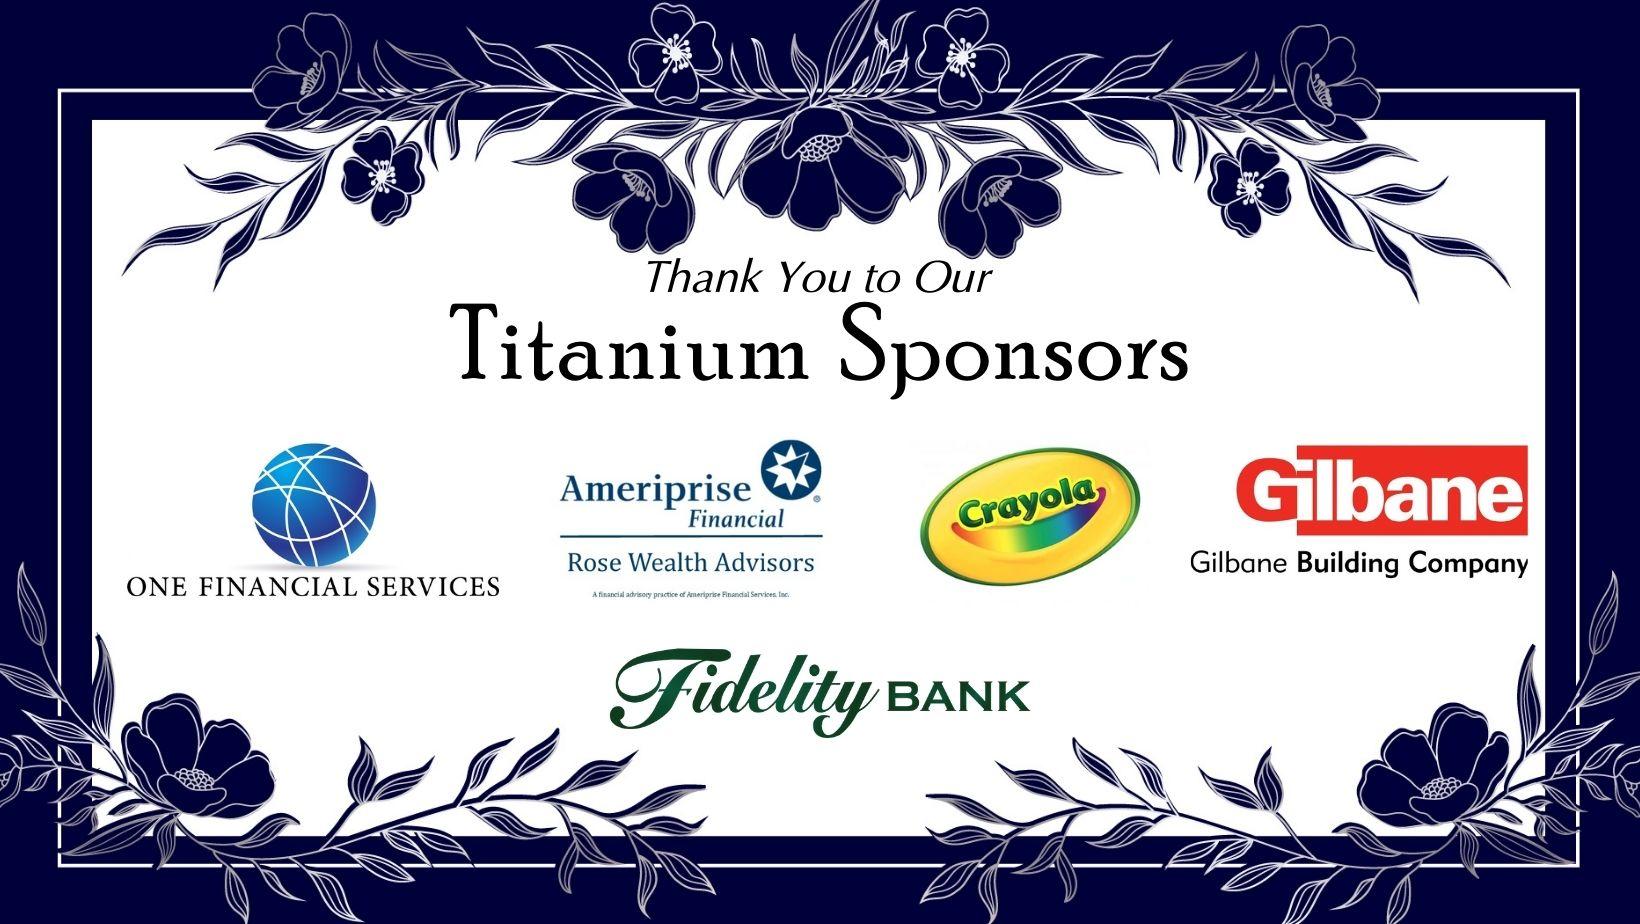 Titanium Sponsors March 31